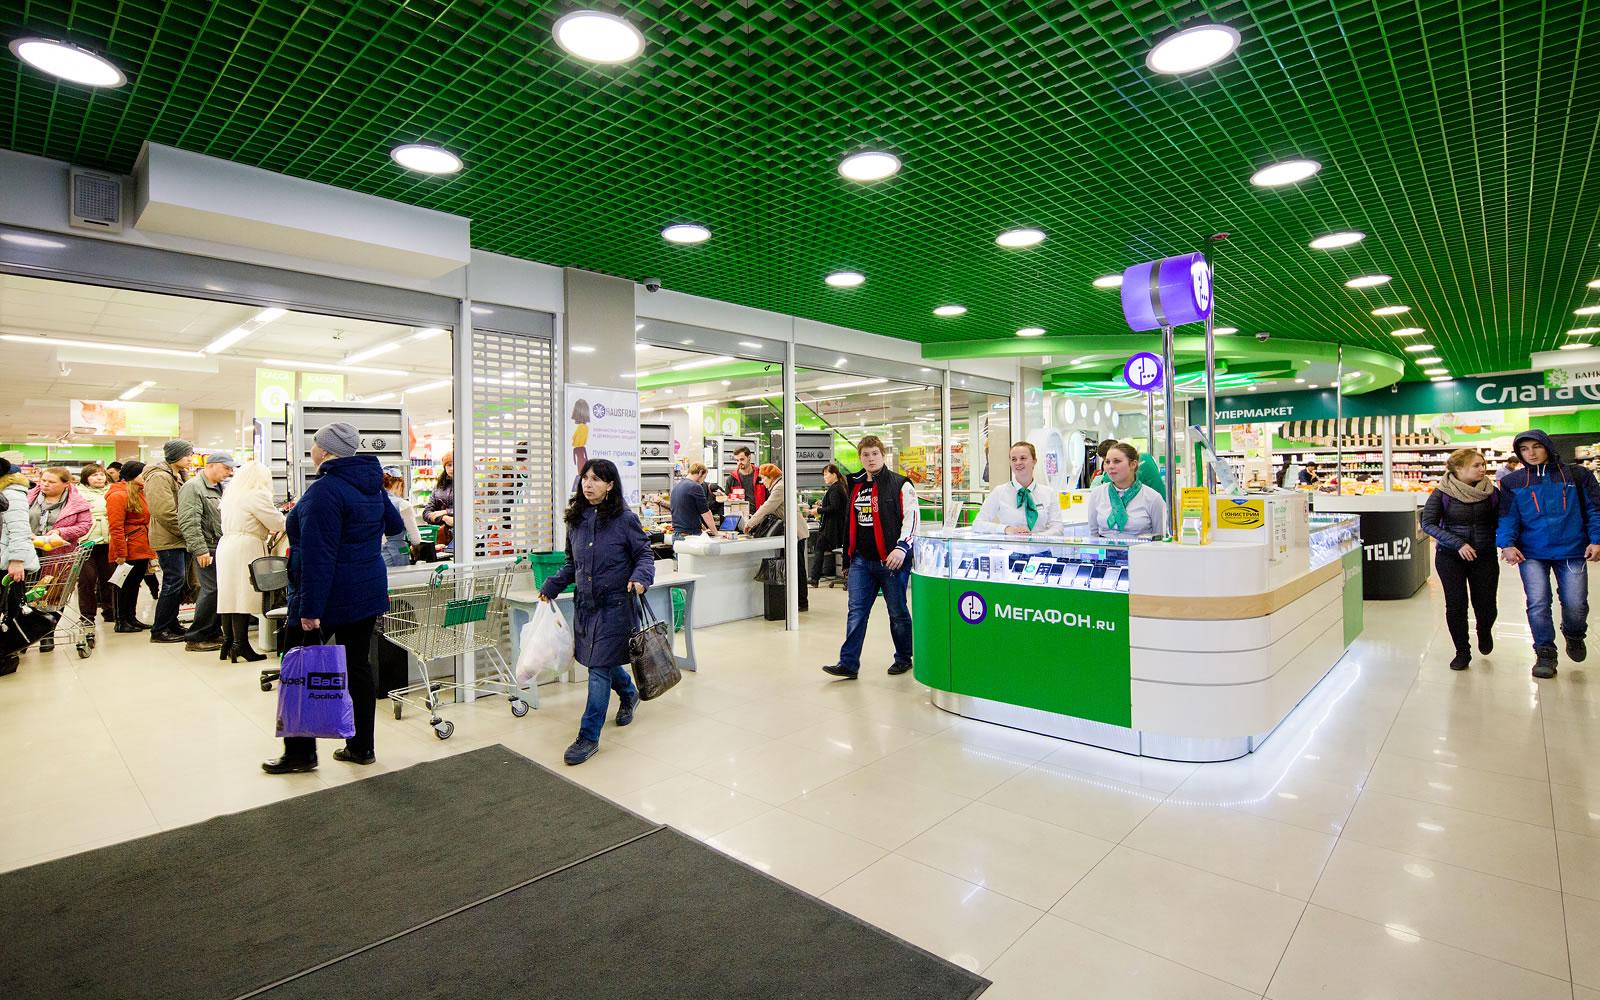 Дизайн интерьера торгового центра «Цветной парк», 1 этаж